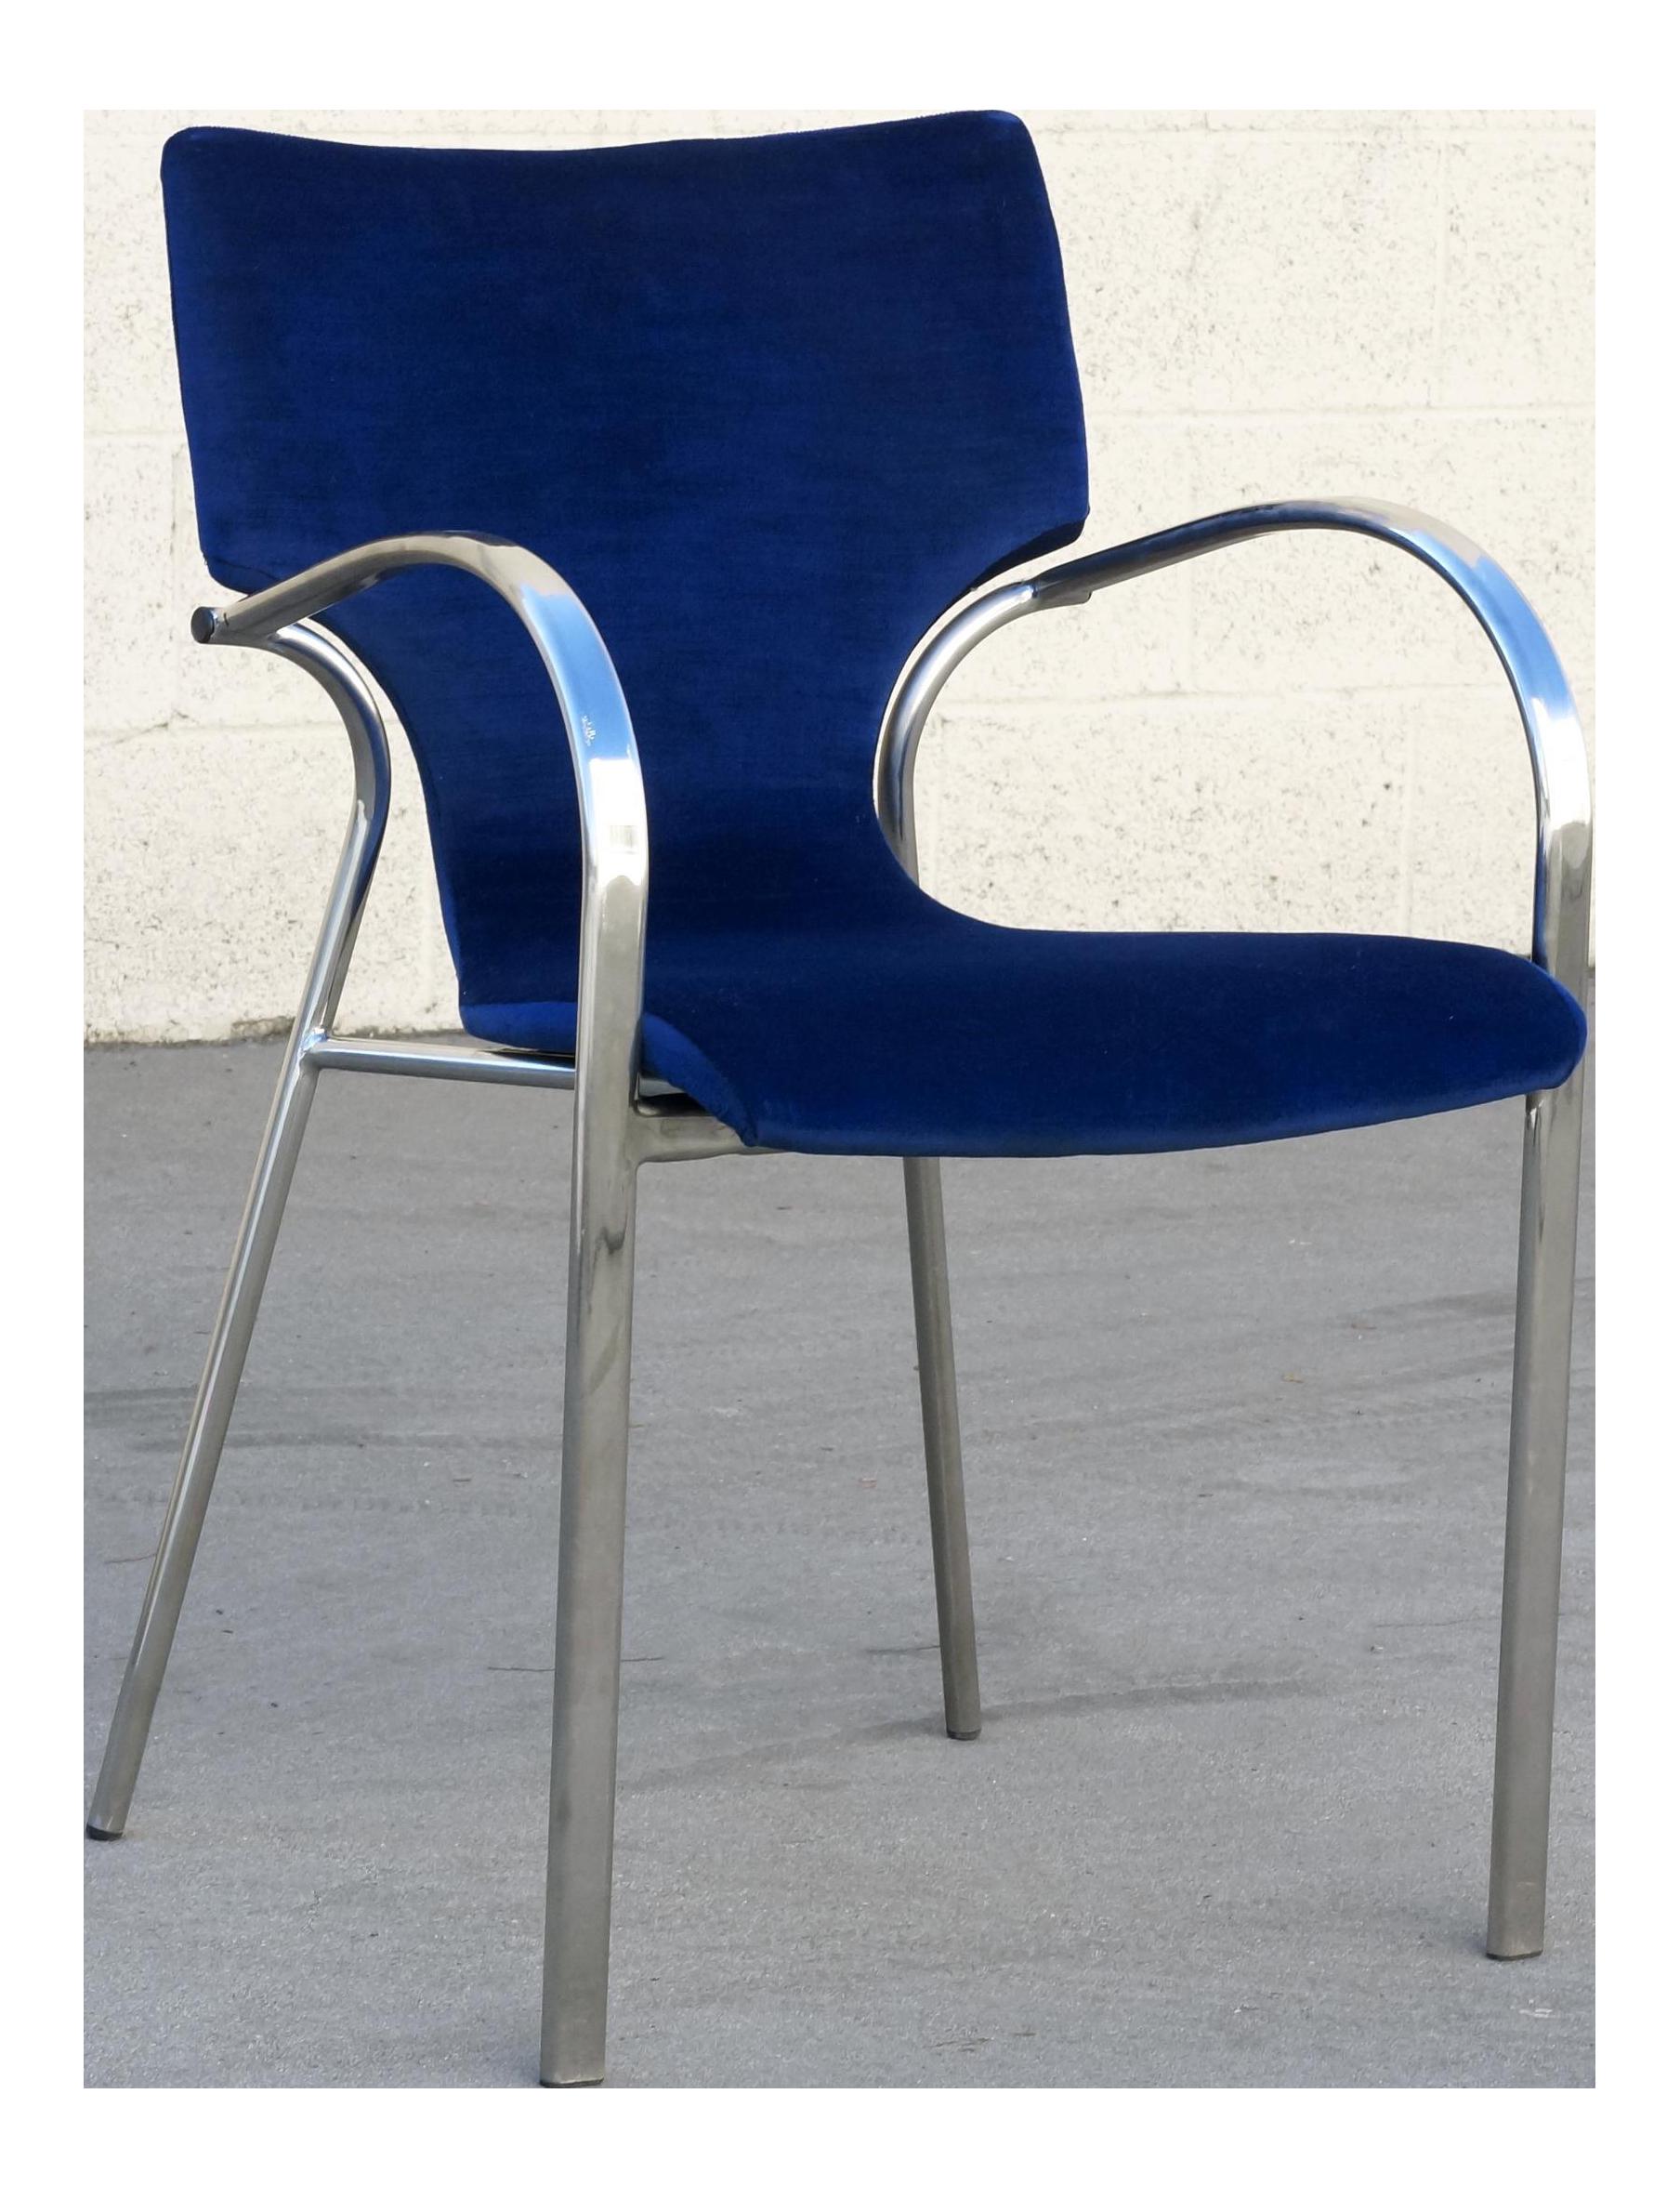 bernhardt furniture logo. Vintage Strada Side Chair By Bernhardt Design Furniture Logo